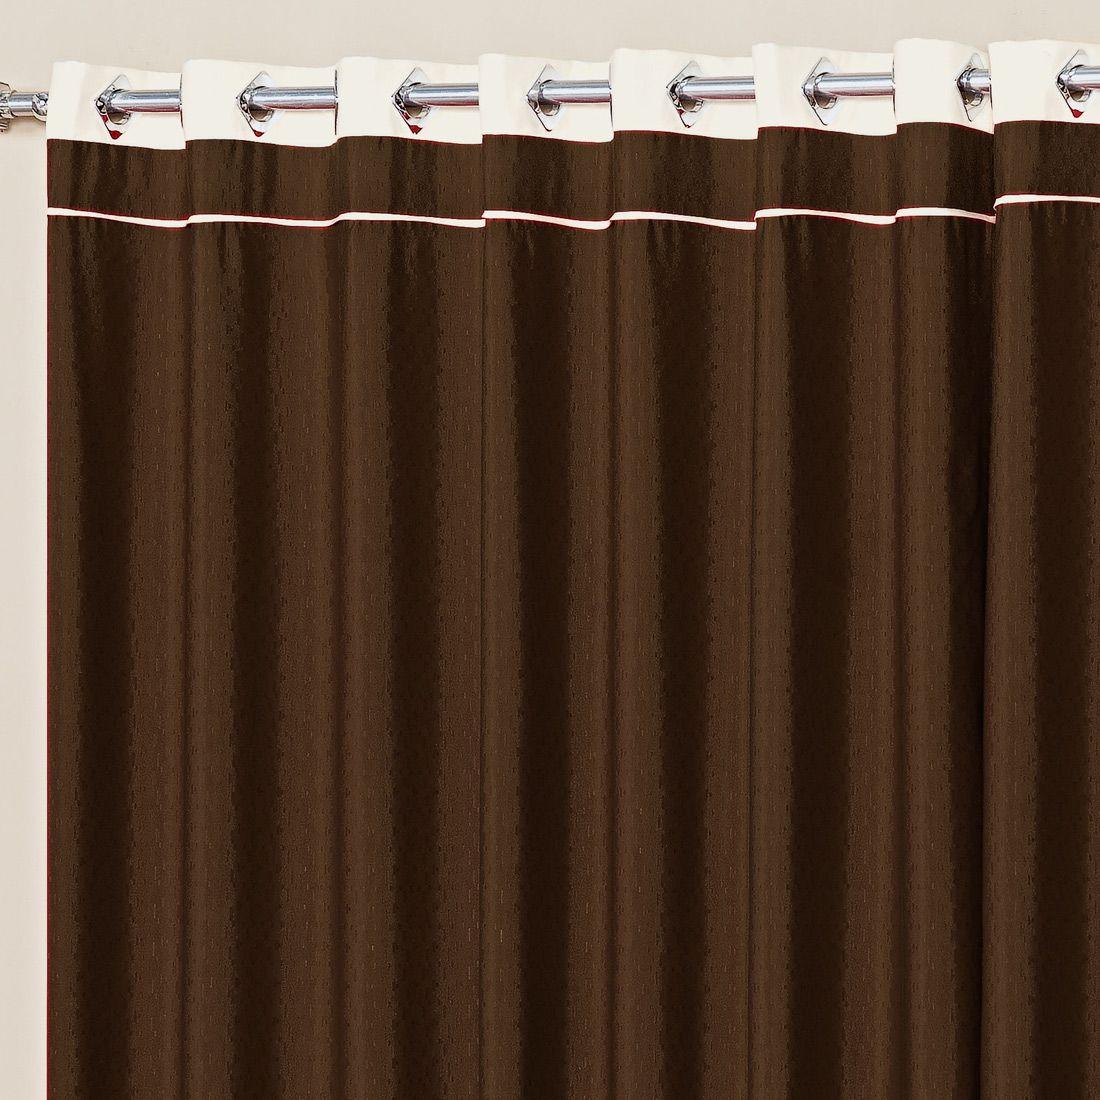 Cortina Marina Tabaco/Palha 2,00m x 1,70m p/ Varão Simples